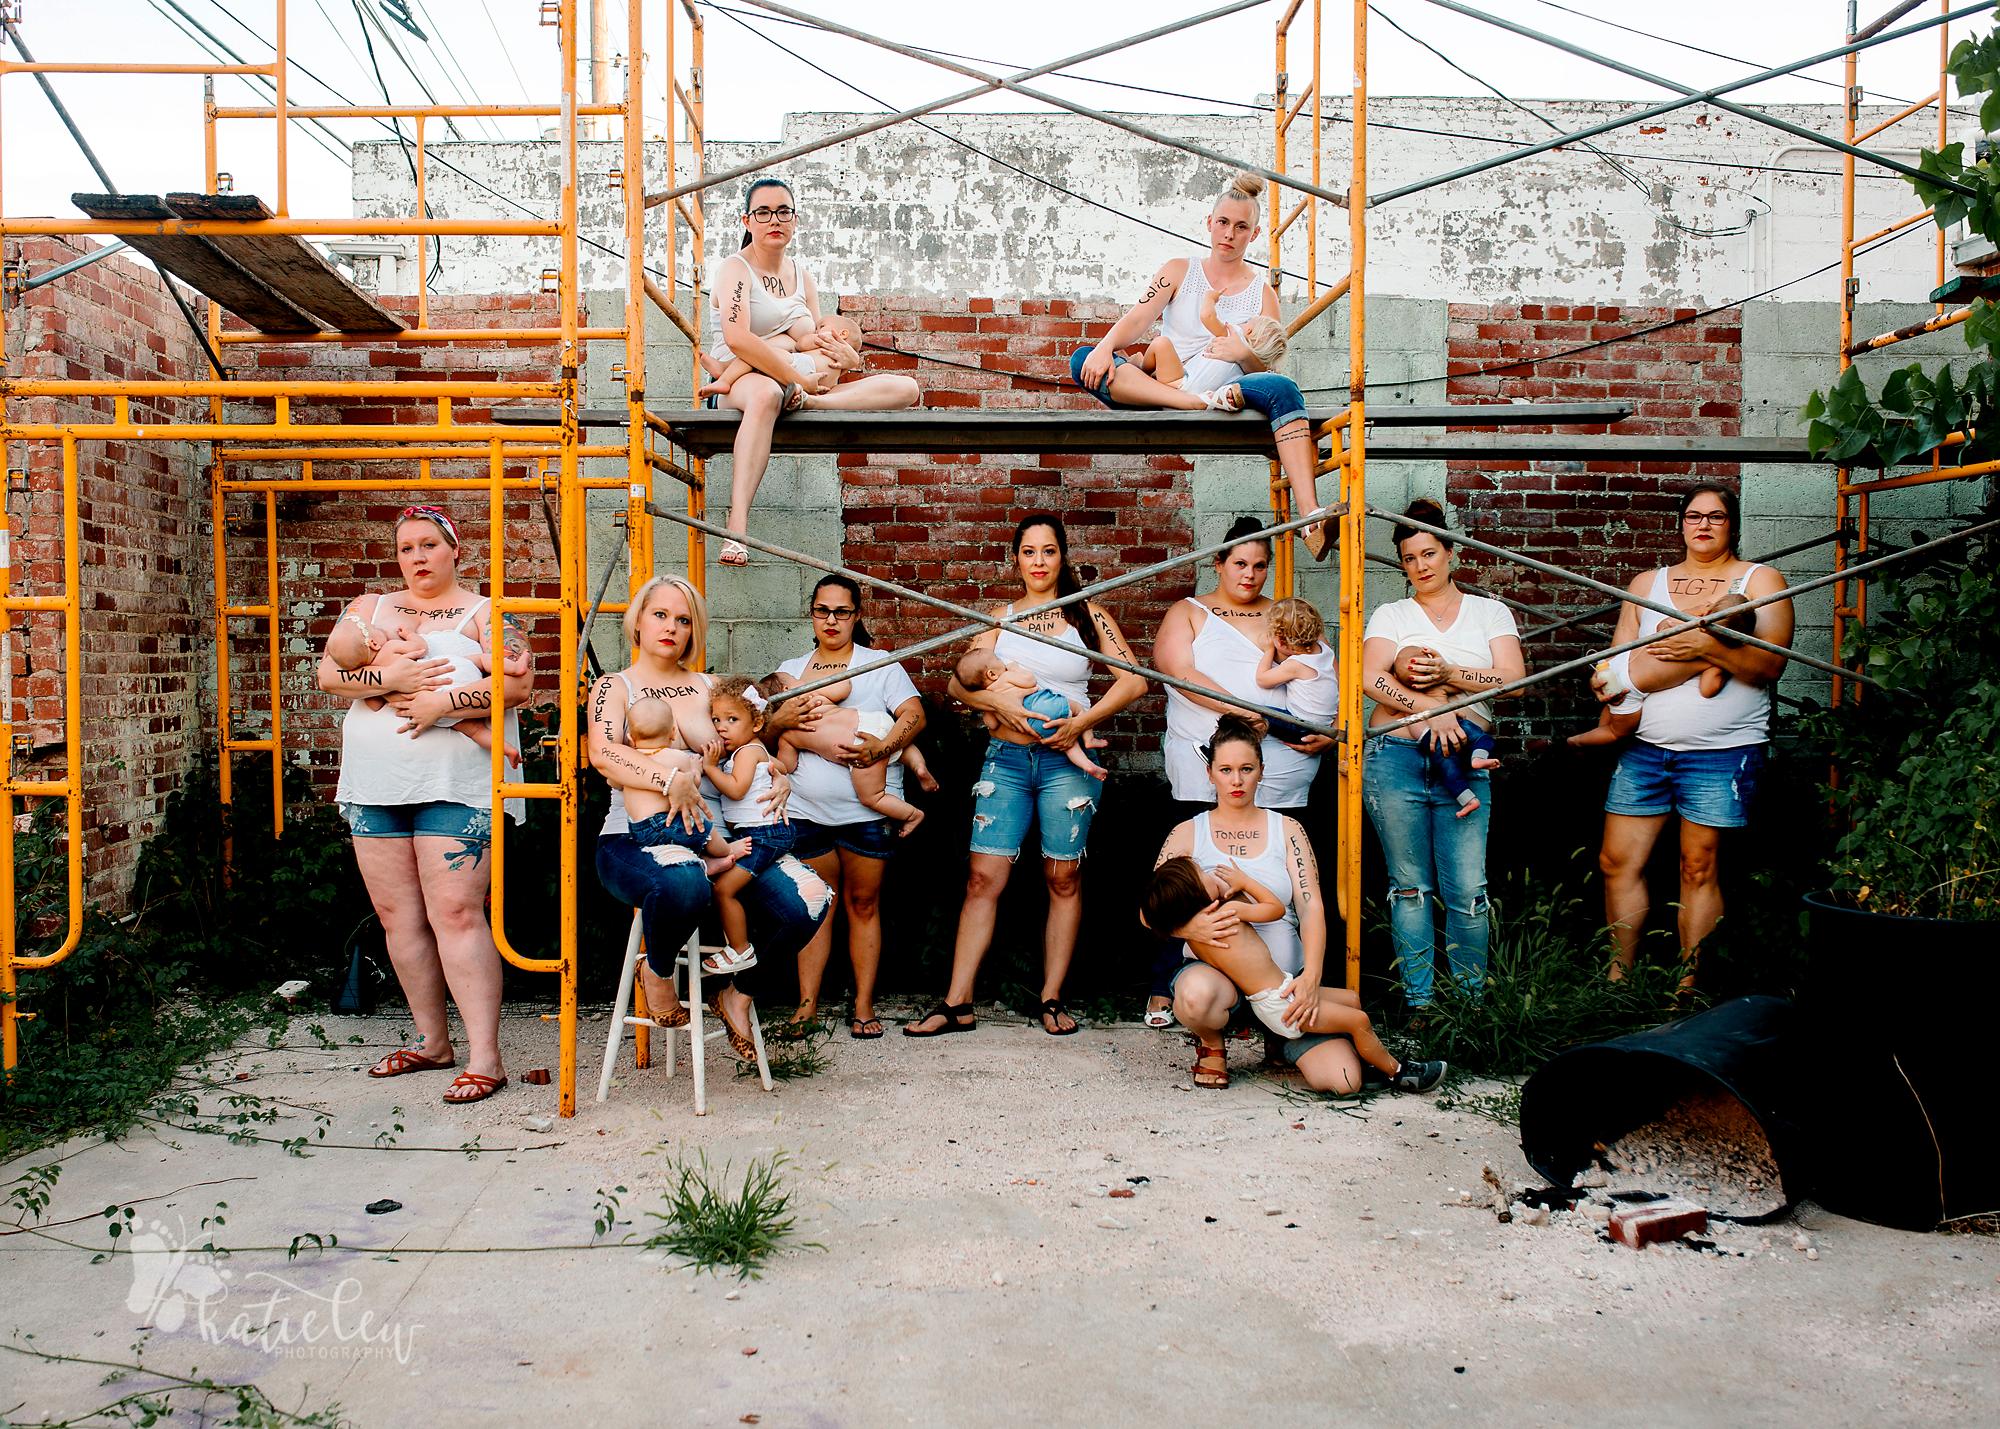 women breastfeeding in alley